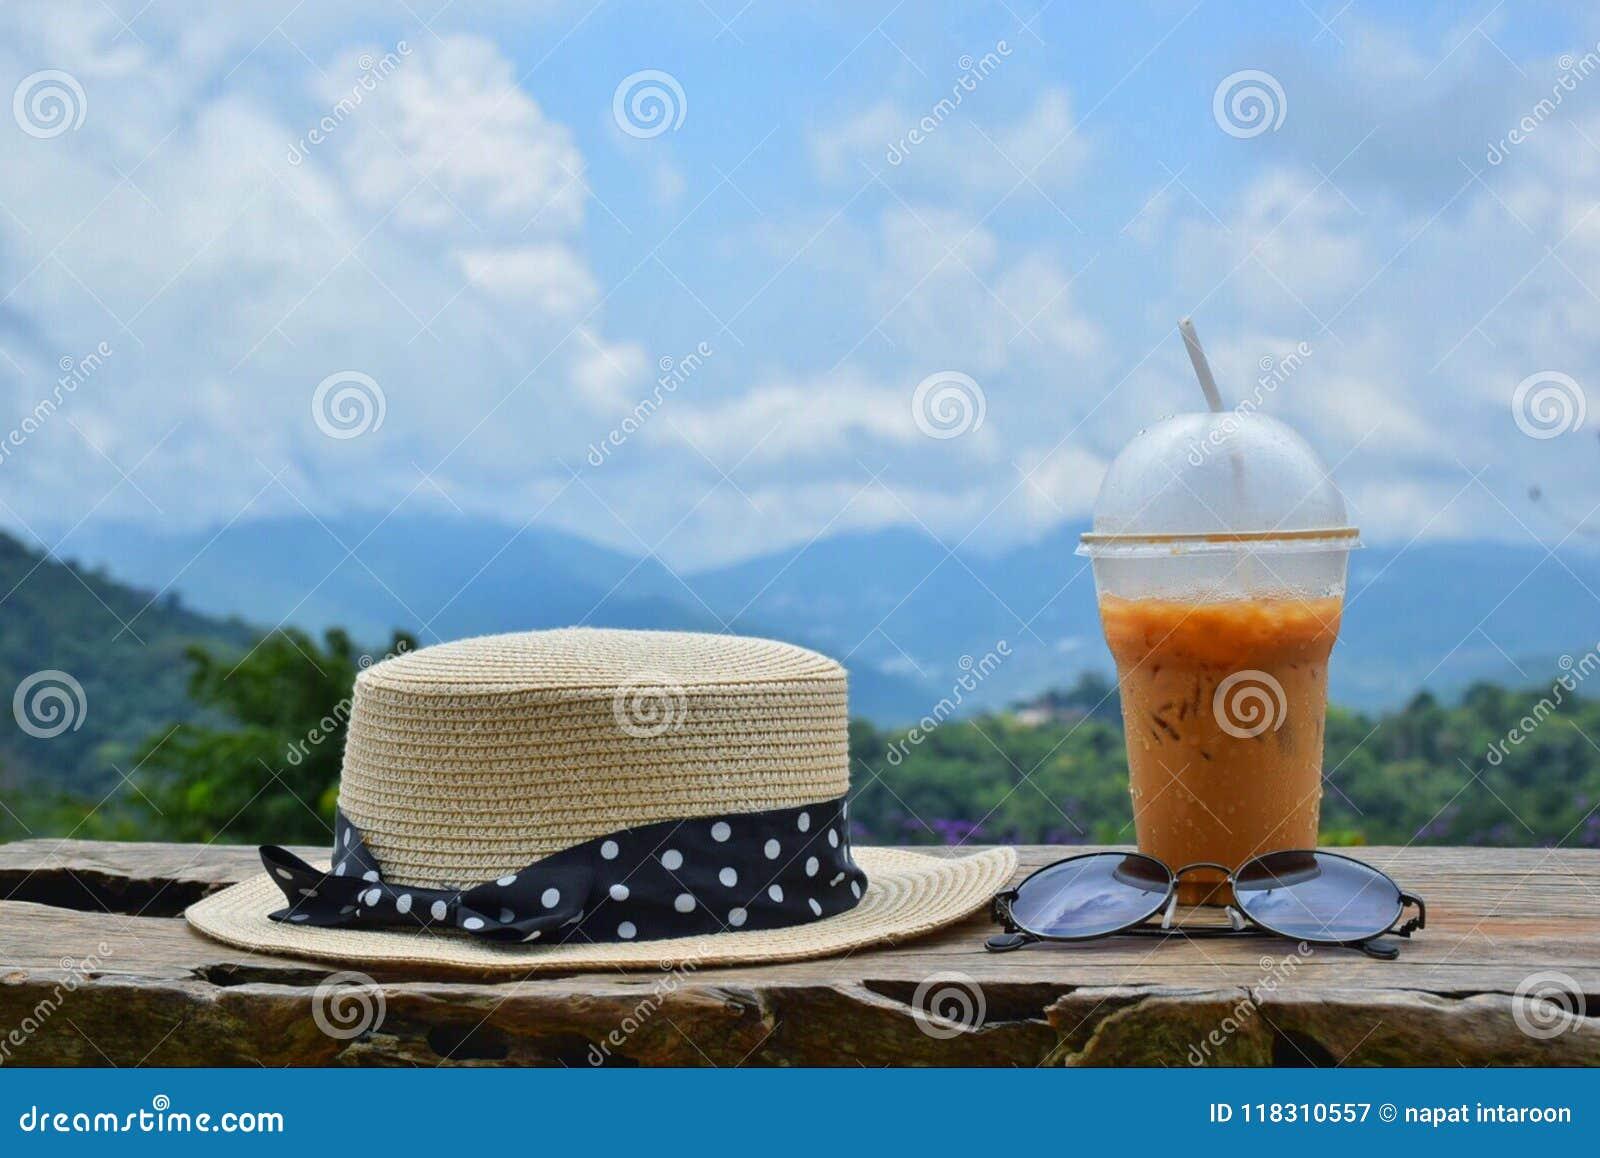 Hüte, Sonnenbrille und Eistee in der Natur